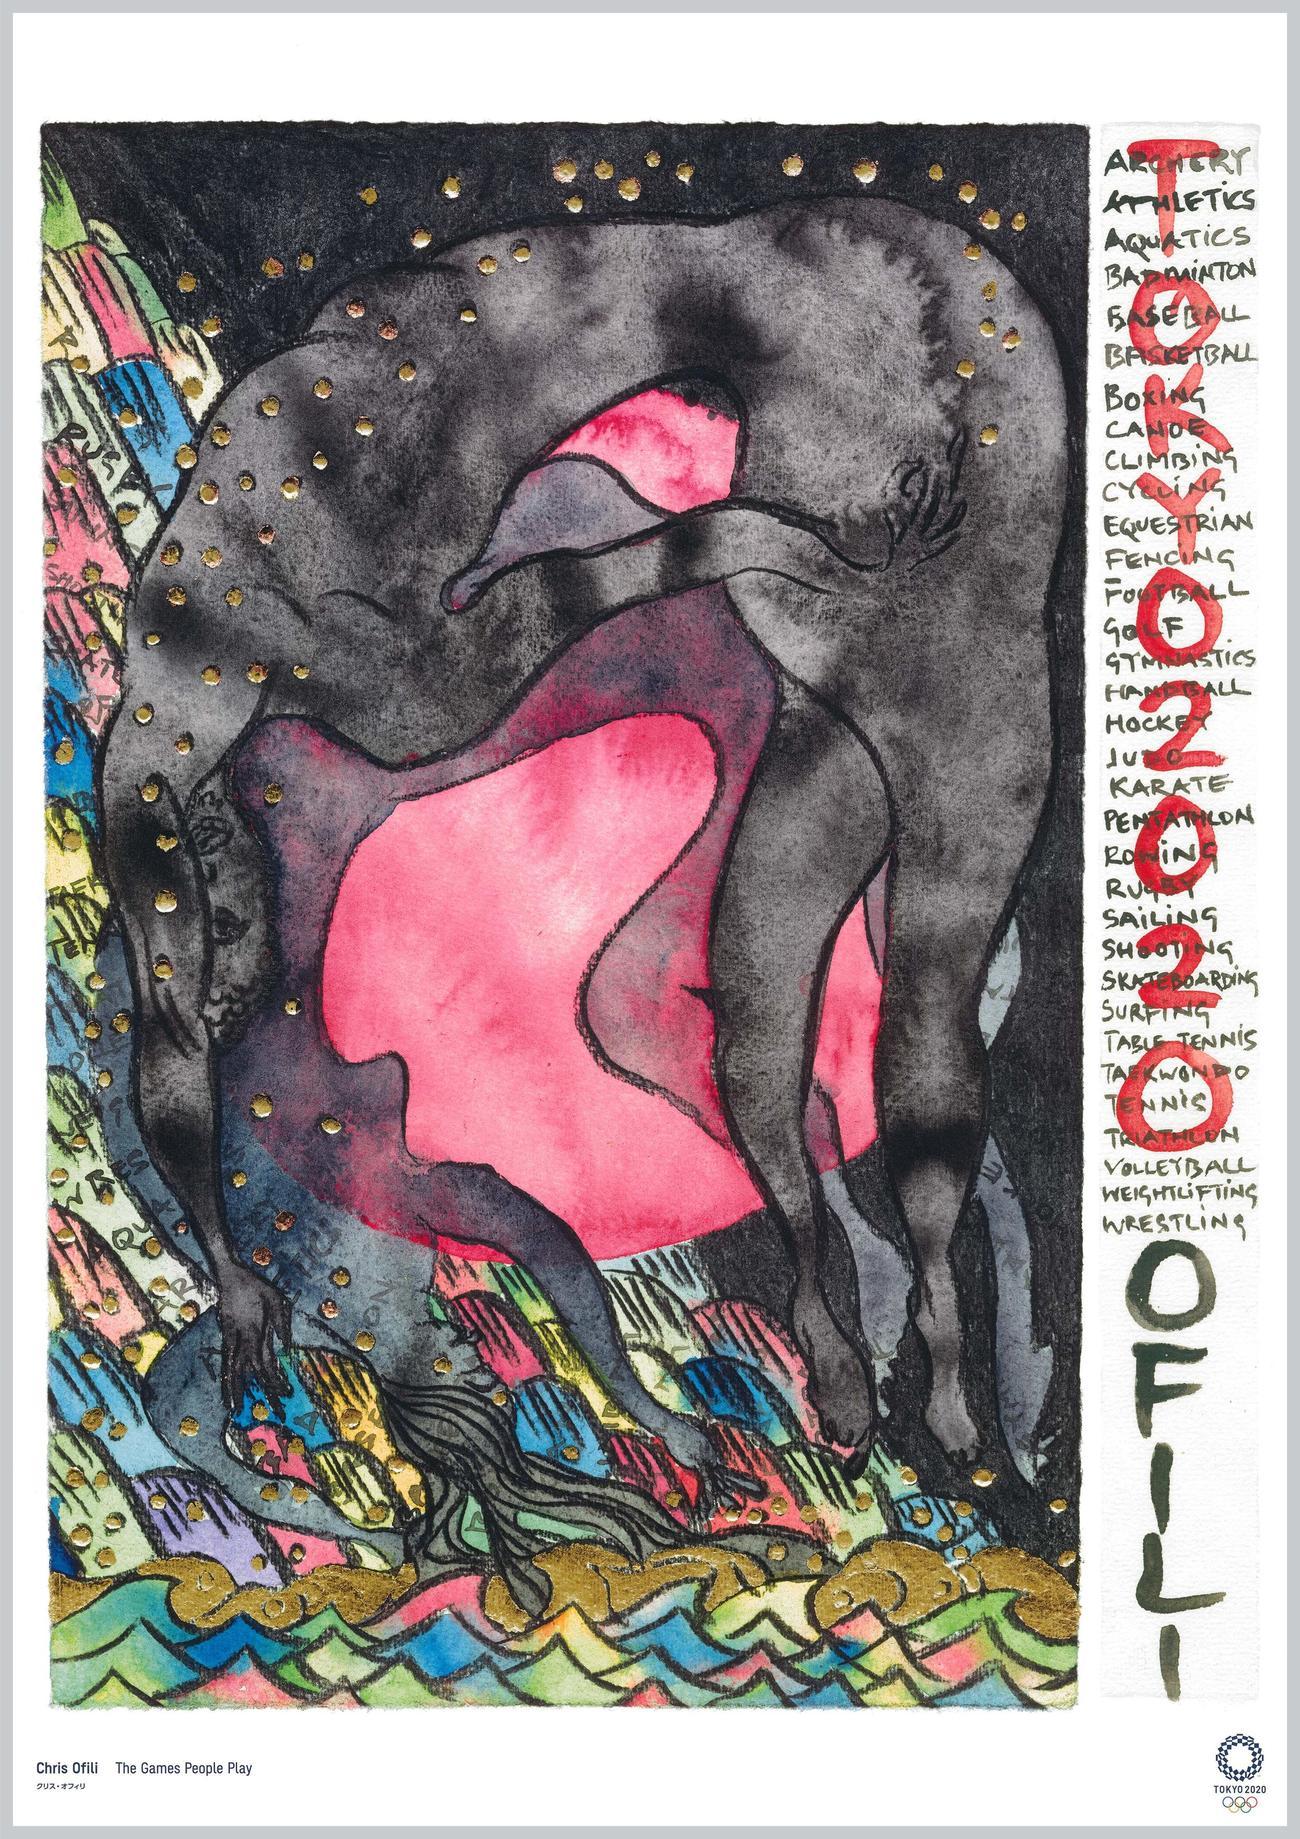 アーティストのクリス・オフィリ氏が手掛けたオリンピックをテーマにした作品「The Games People Play」@Tokyo2020